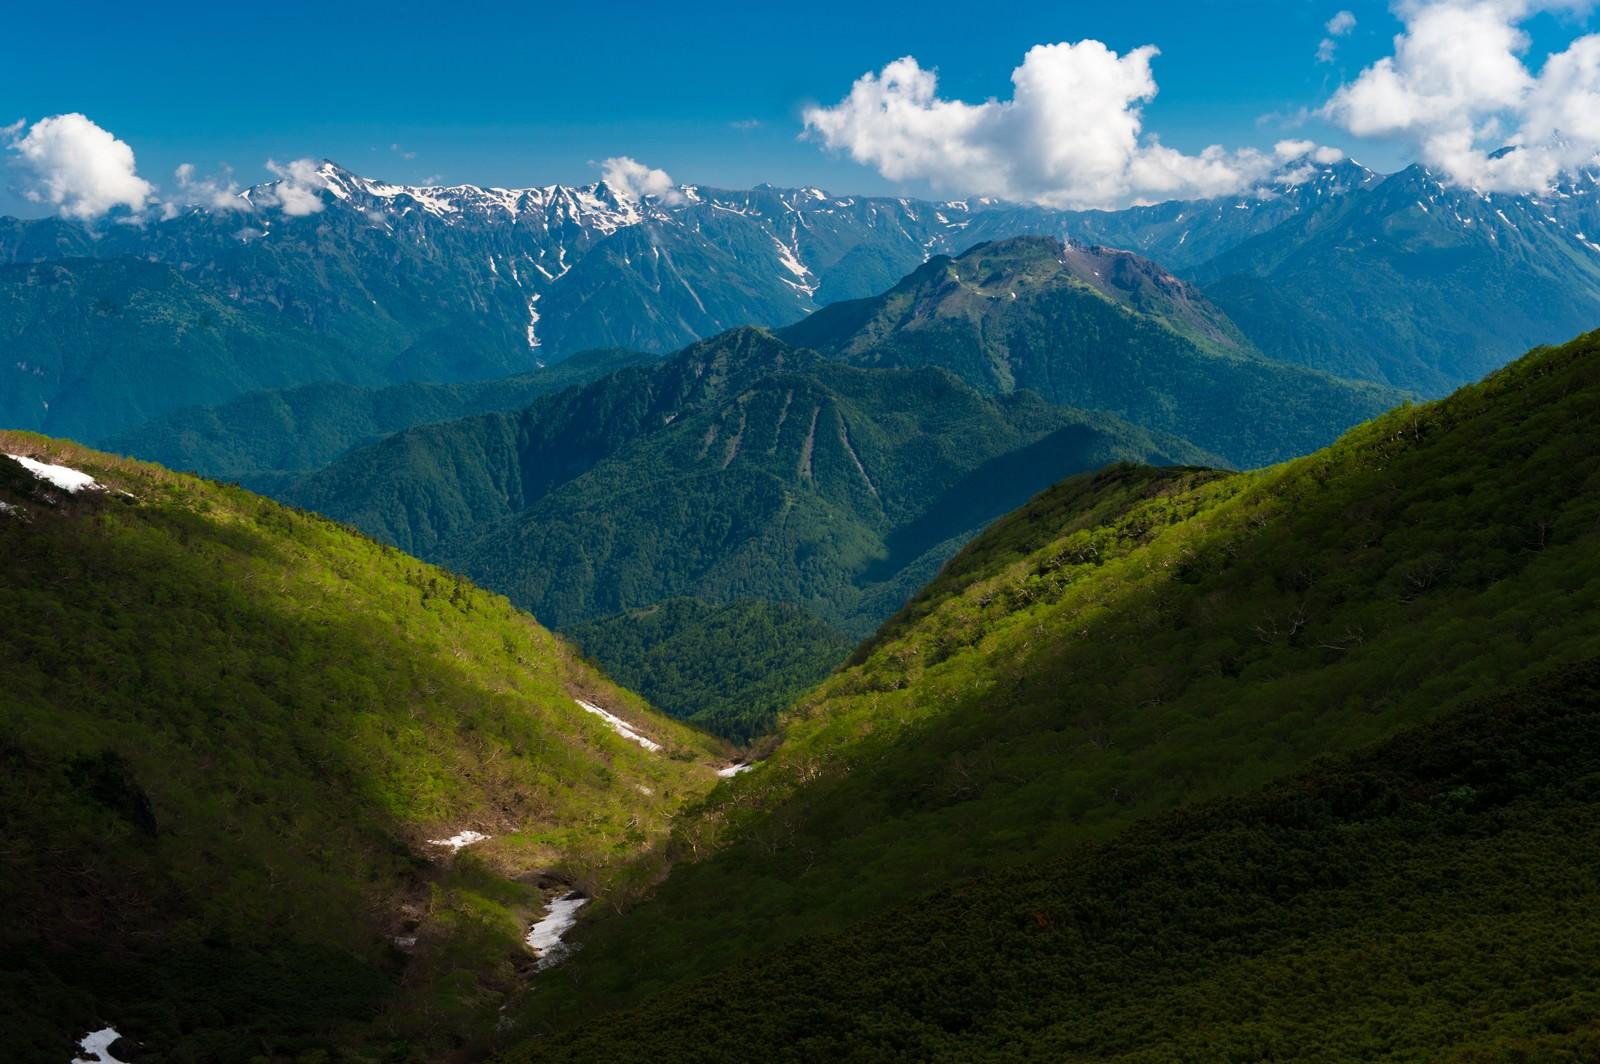 「乗鞍新登山道から見える山々」の写真